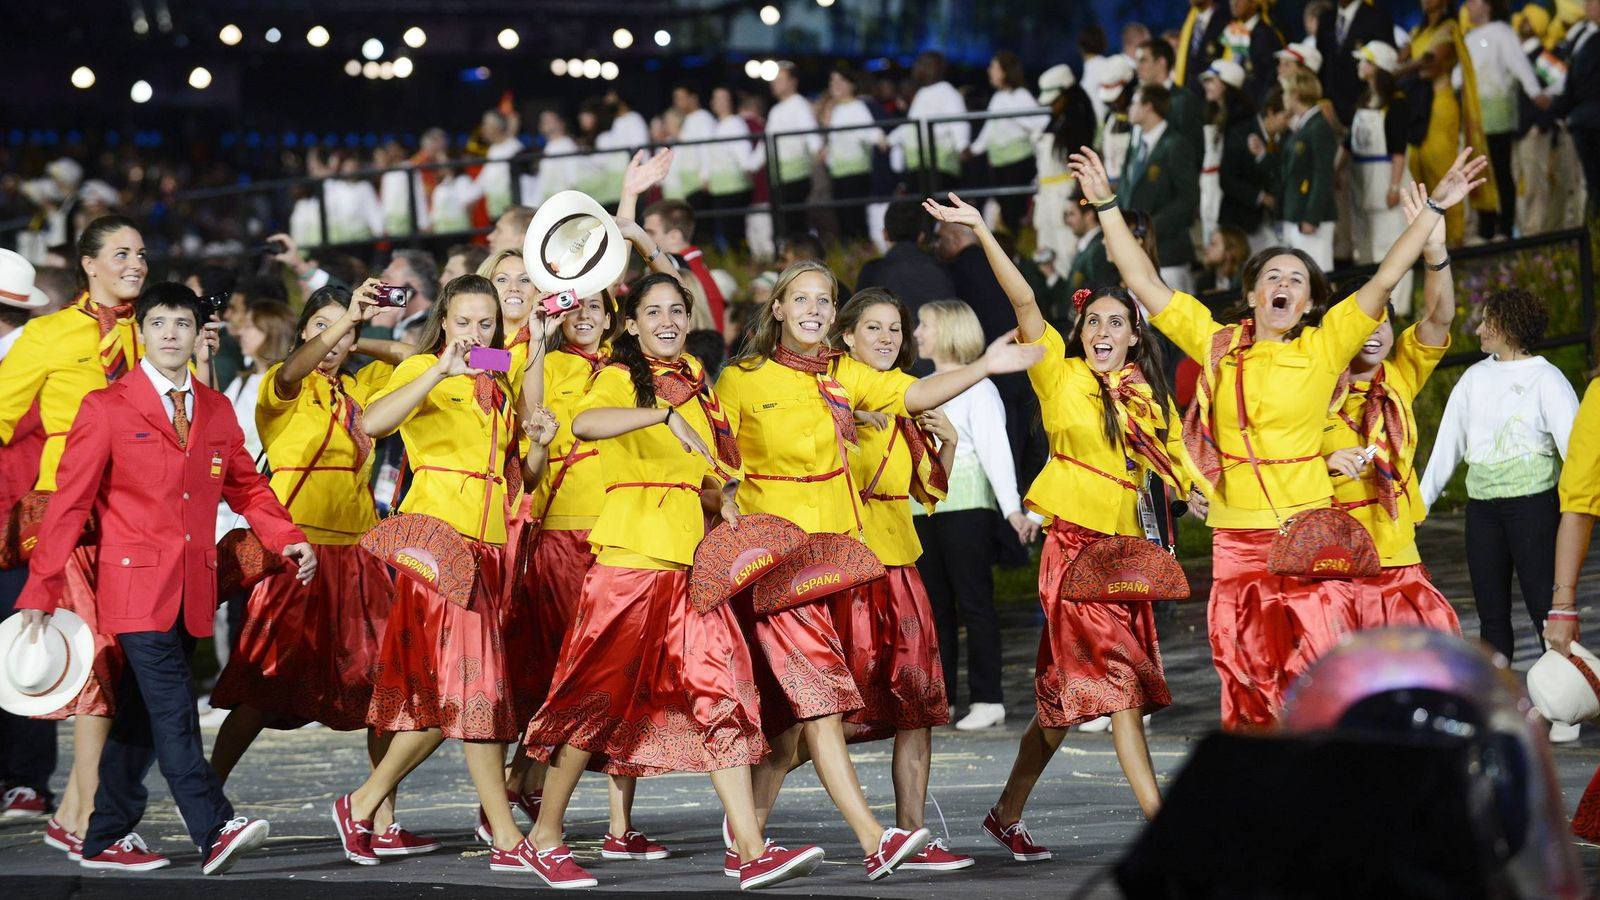 Foto: Ceremonia de inauguración de los Juegos Olímpicos de Londres 2012.